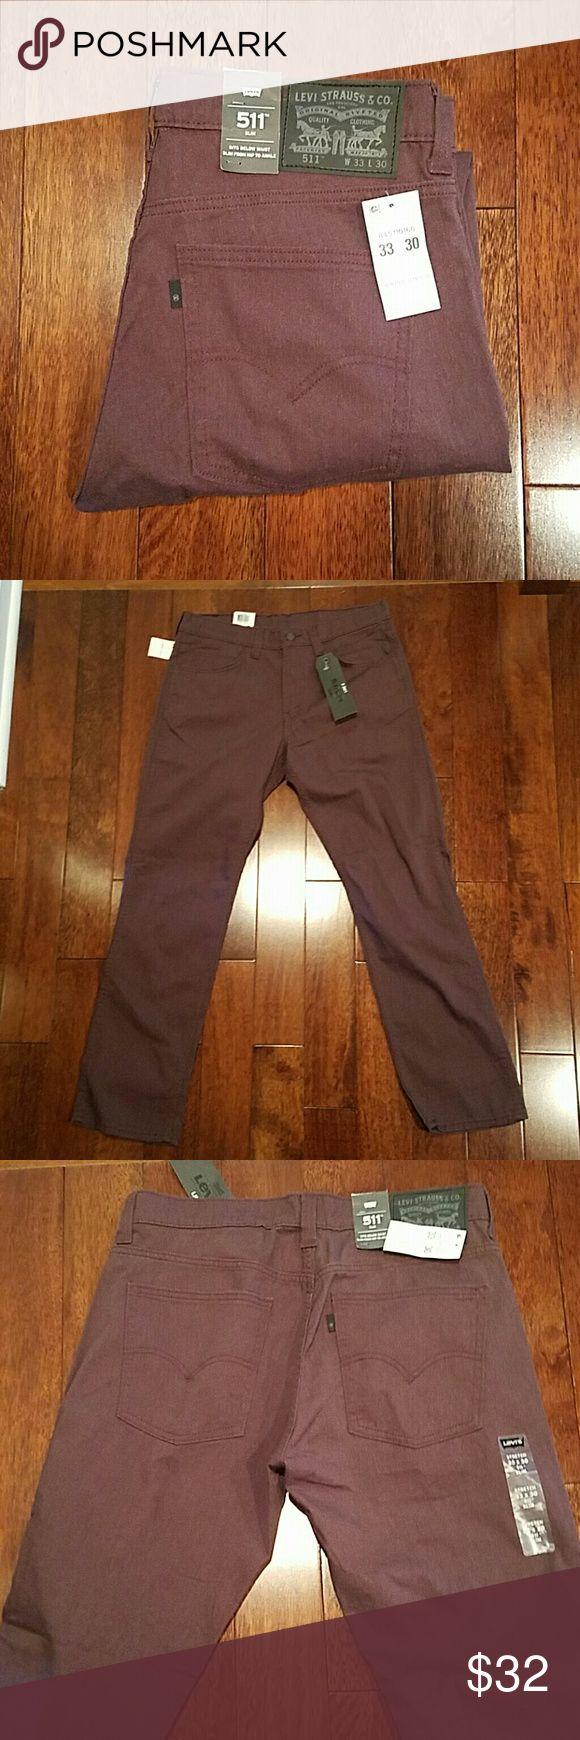 Men's Levi's Jeans 33x30 BRAND NEW WITH TAGS mens levis 33x30, Levi's line 8, 511 jeans, slim fit. Burgundy color. Levi's Jeans Slim